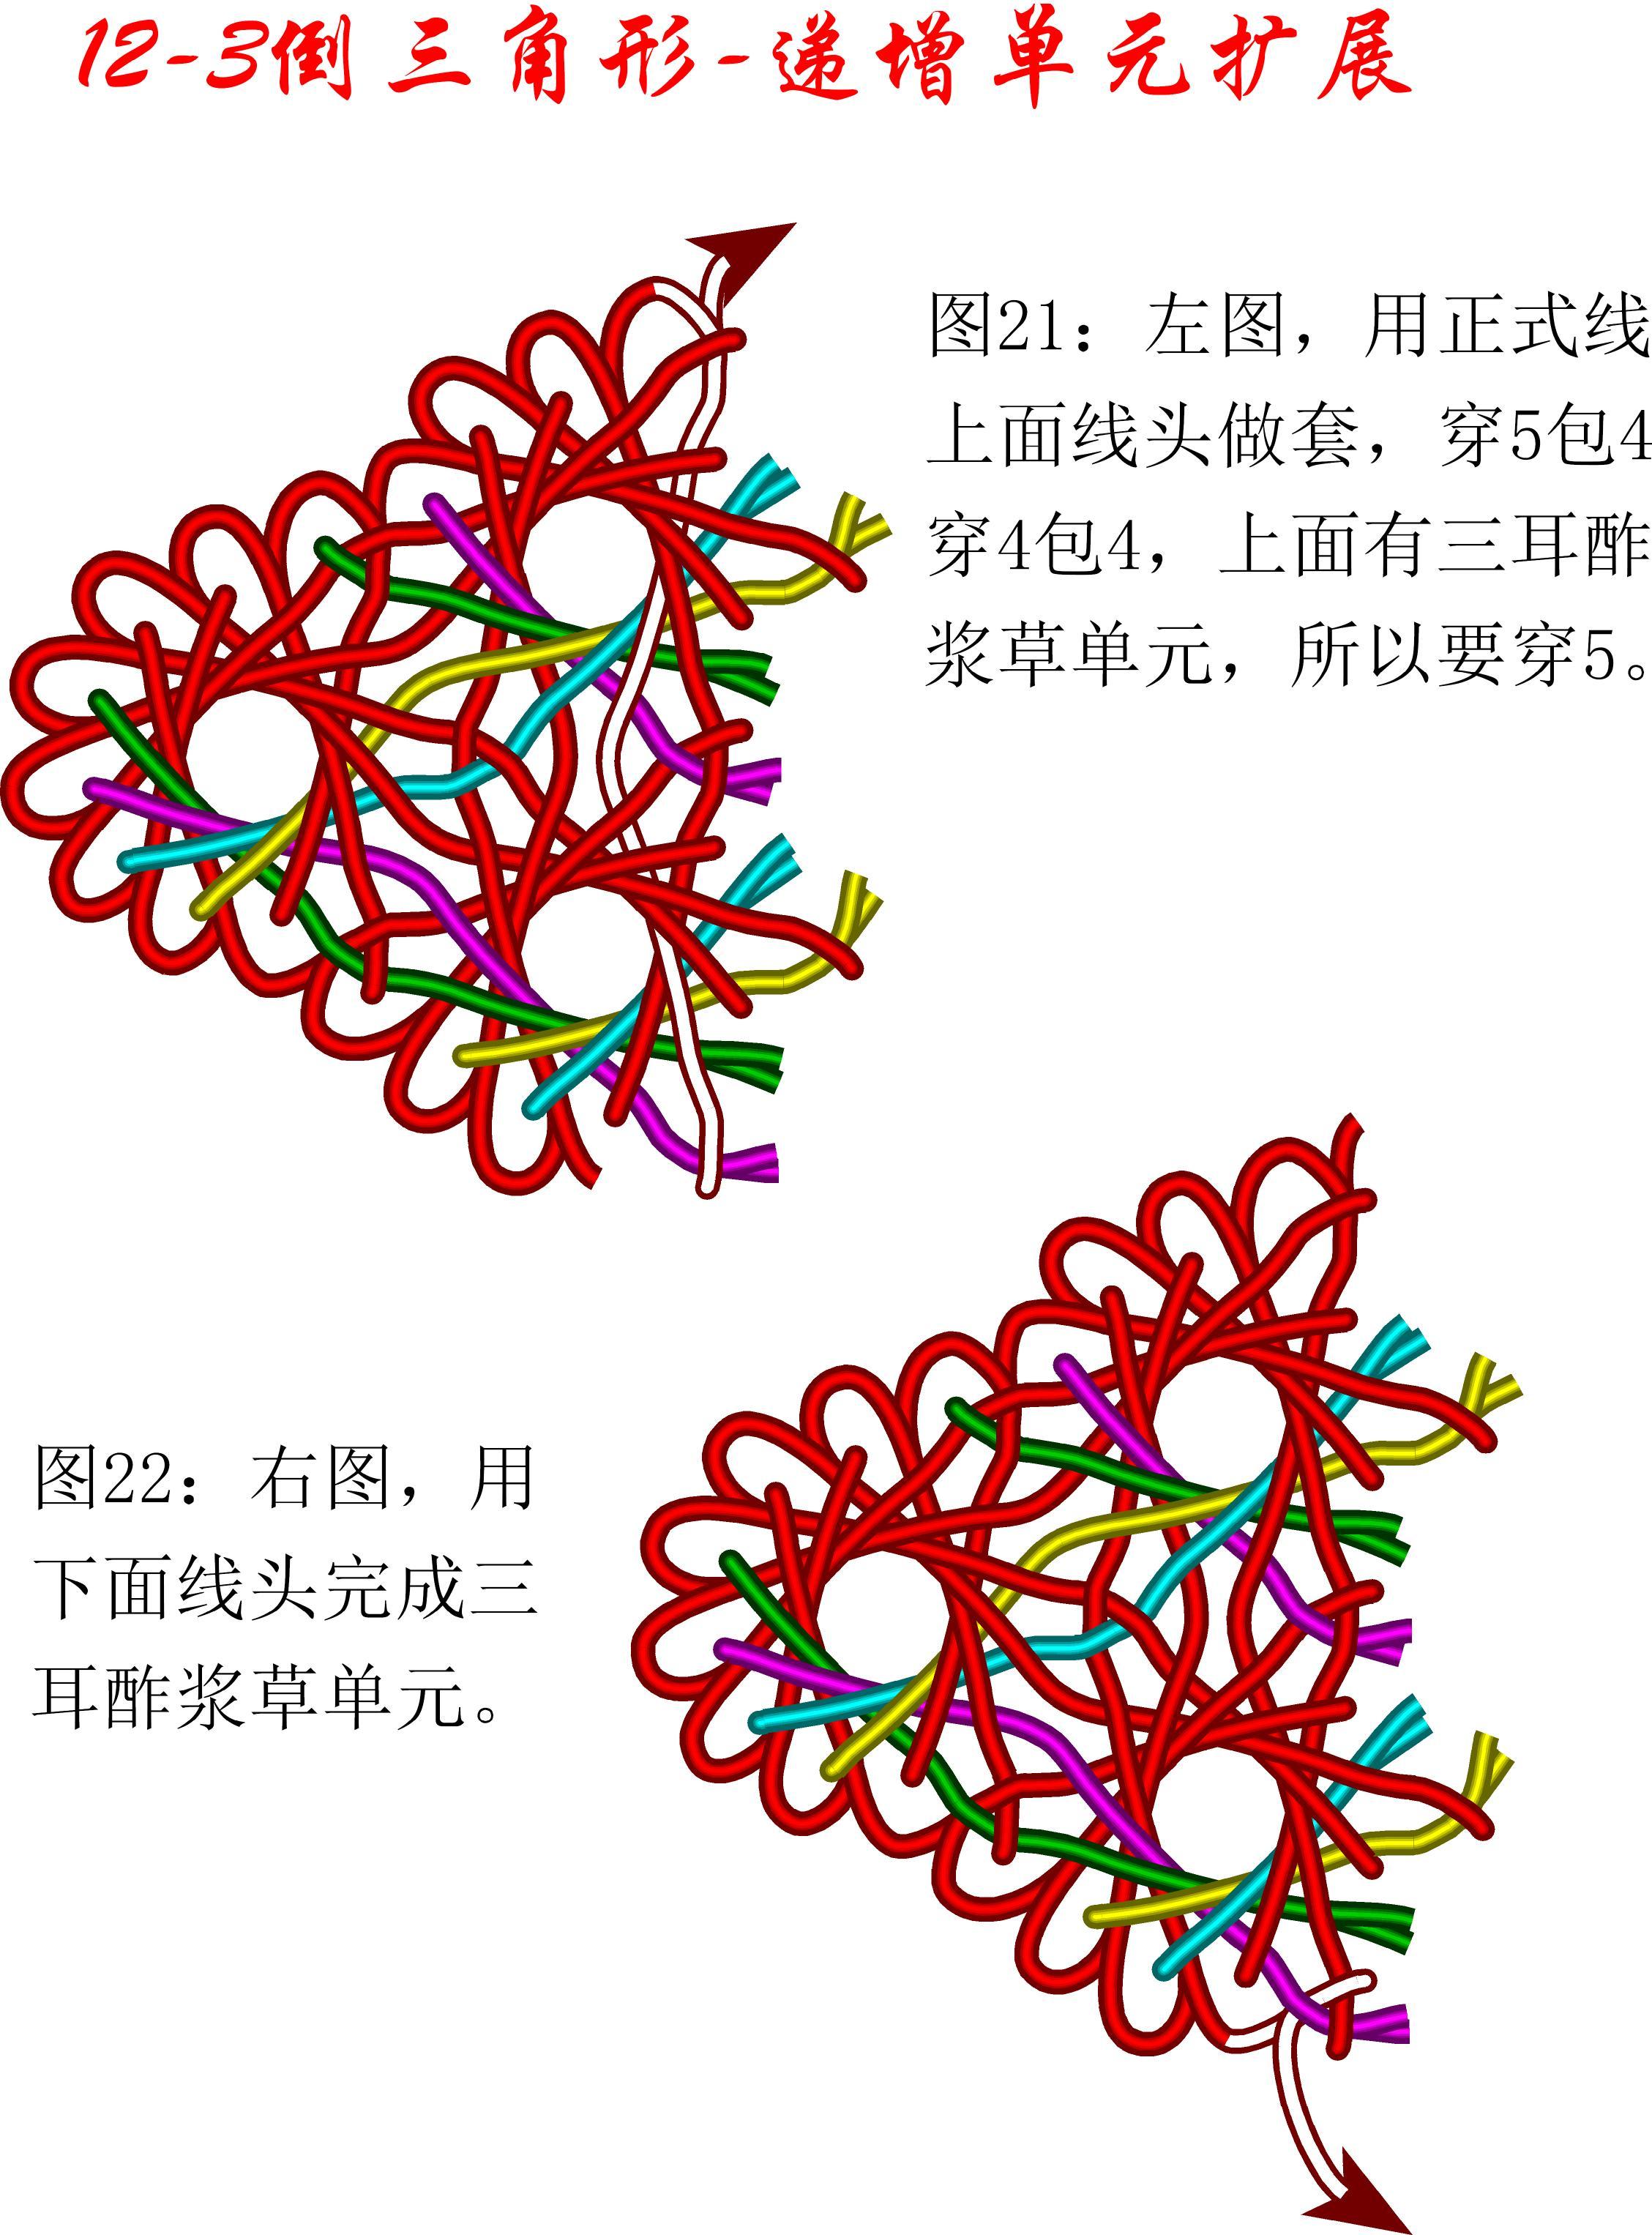 中国结论坛 12-3盘长增加单元扩展方法--倒三角盘长徒手教程 有可用空间无法扩展卷,不小心转换成动态磁盘,教程,扩展单元扩展模块区别,时钟扩展单元 丑丑徒手编结 134813hb7e8qyx7hnh6gzb